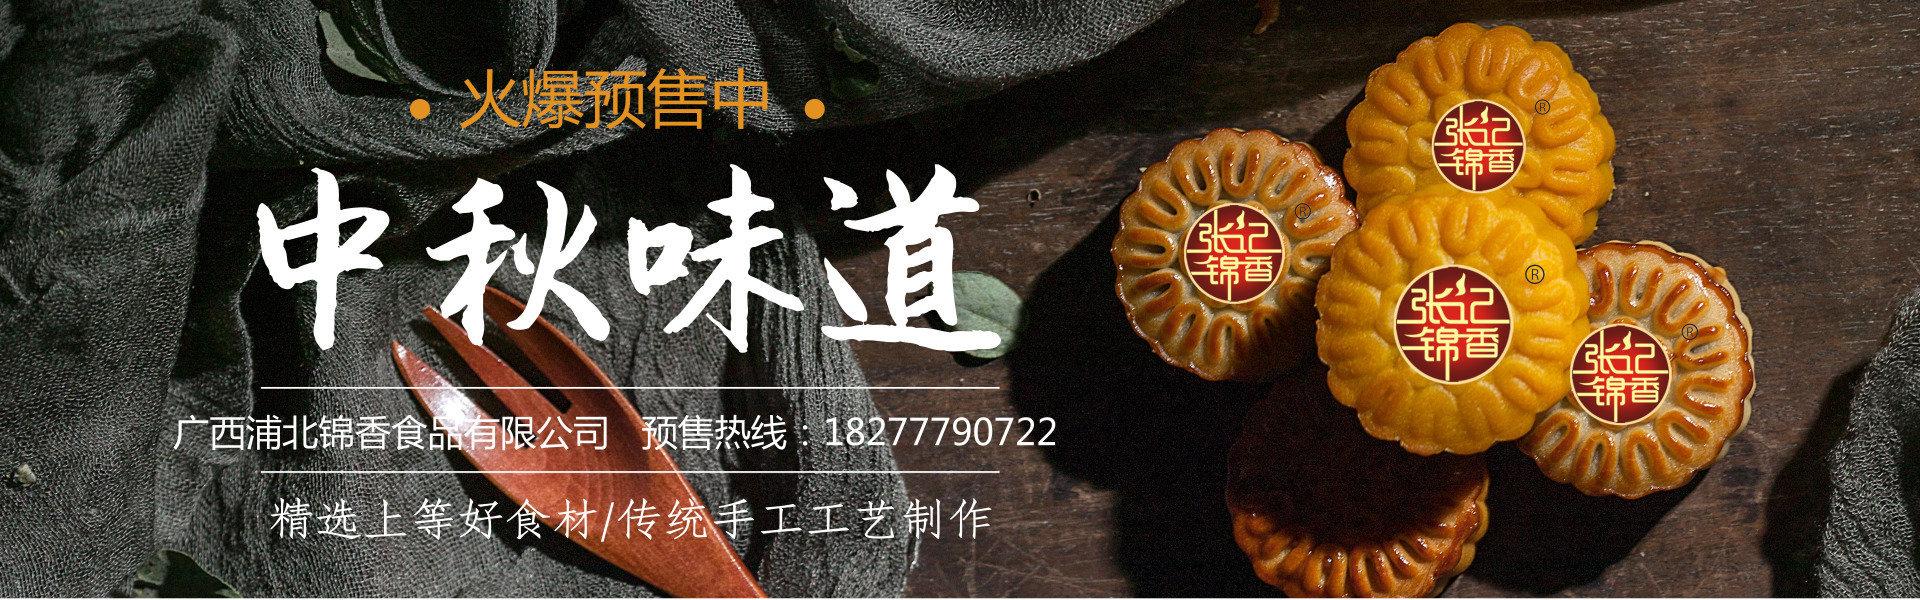 中秋月饼火爆预售中